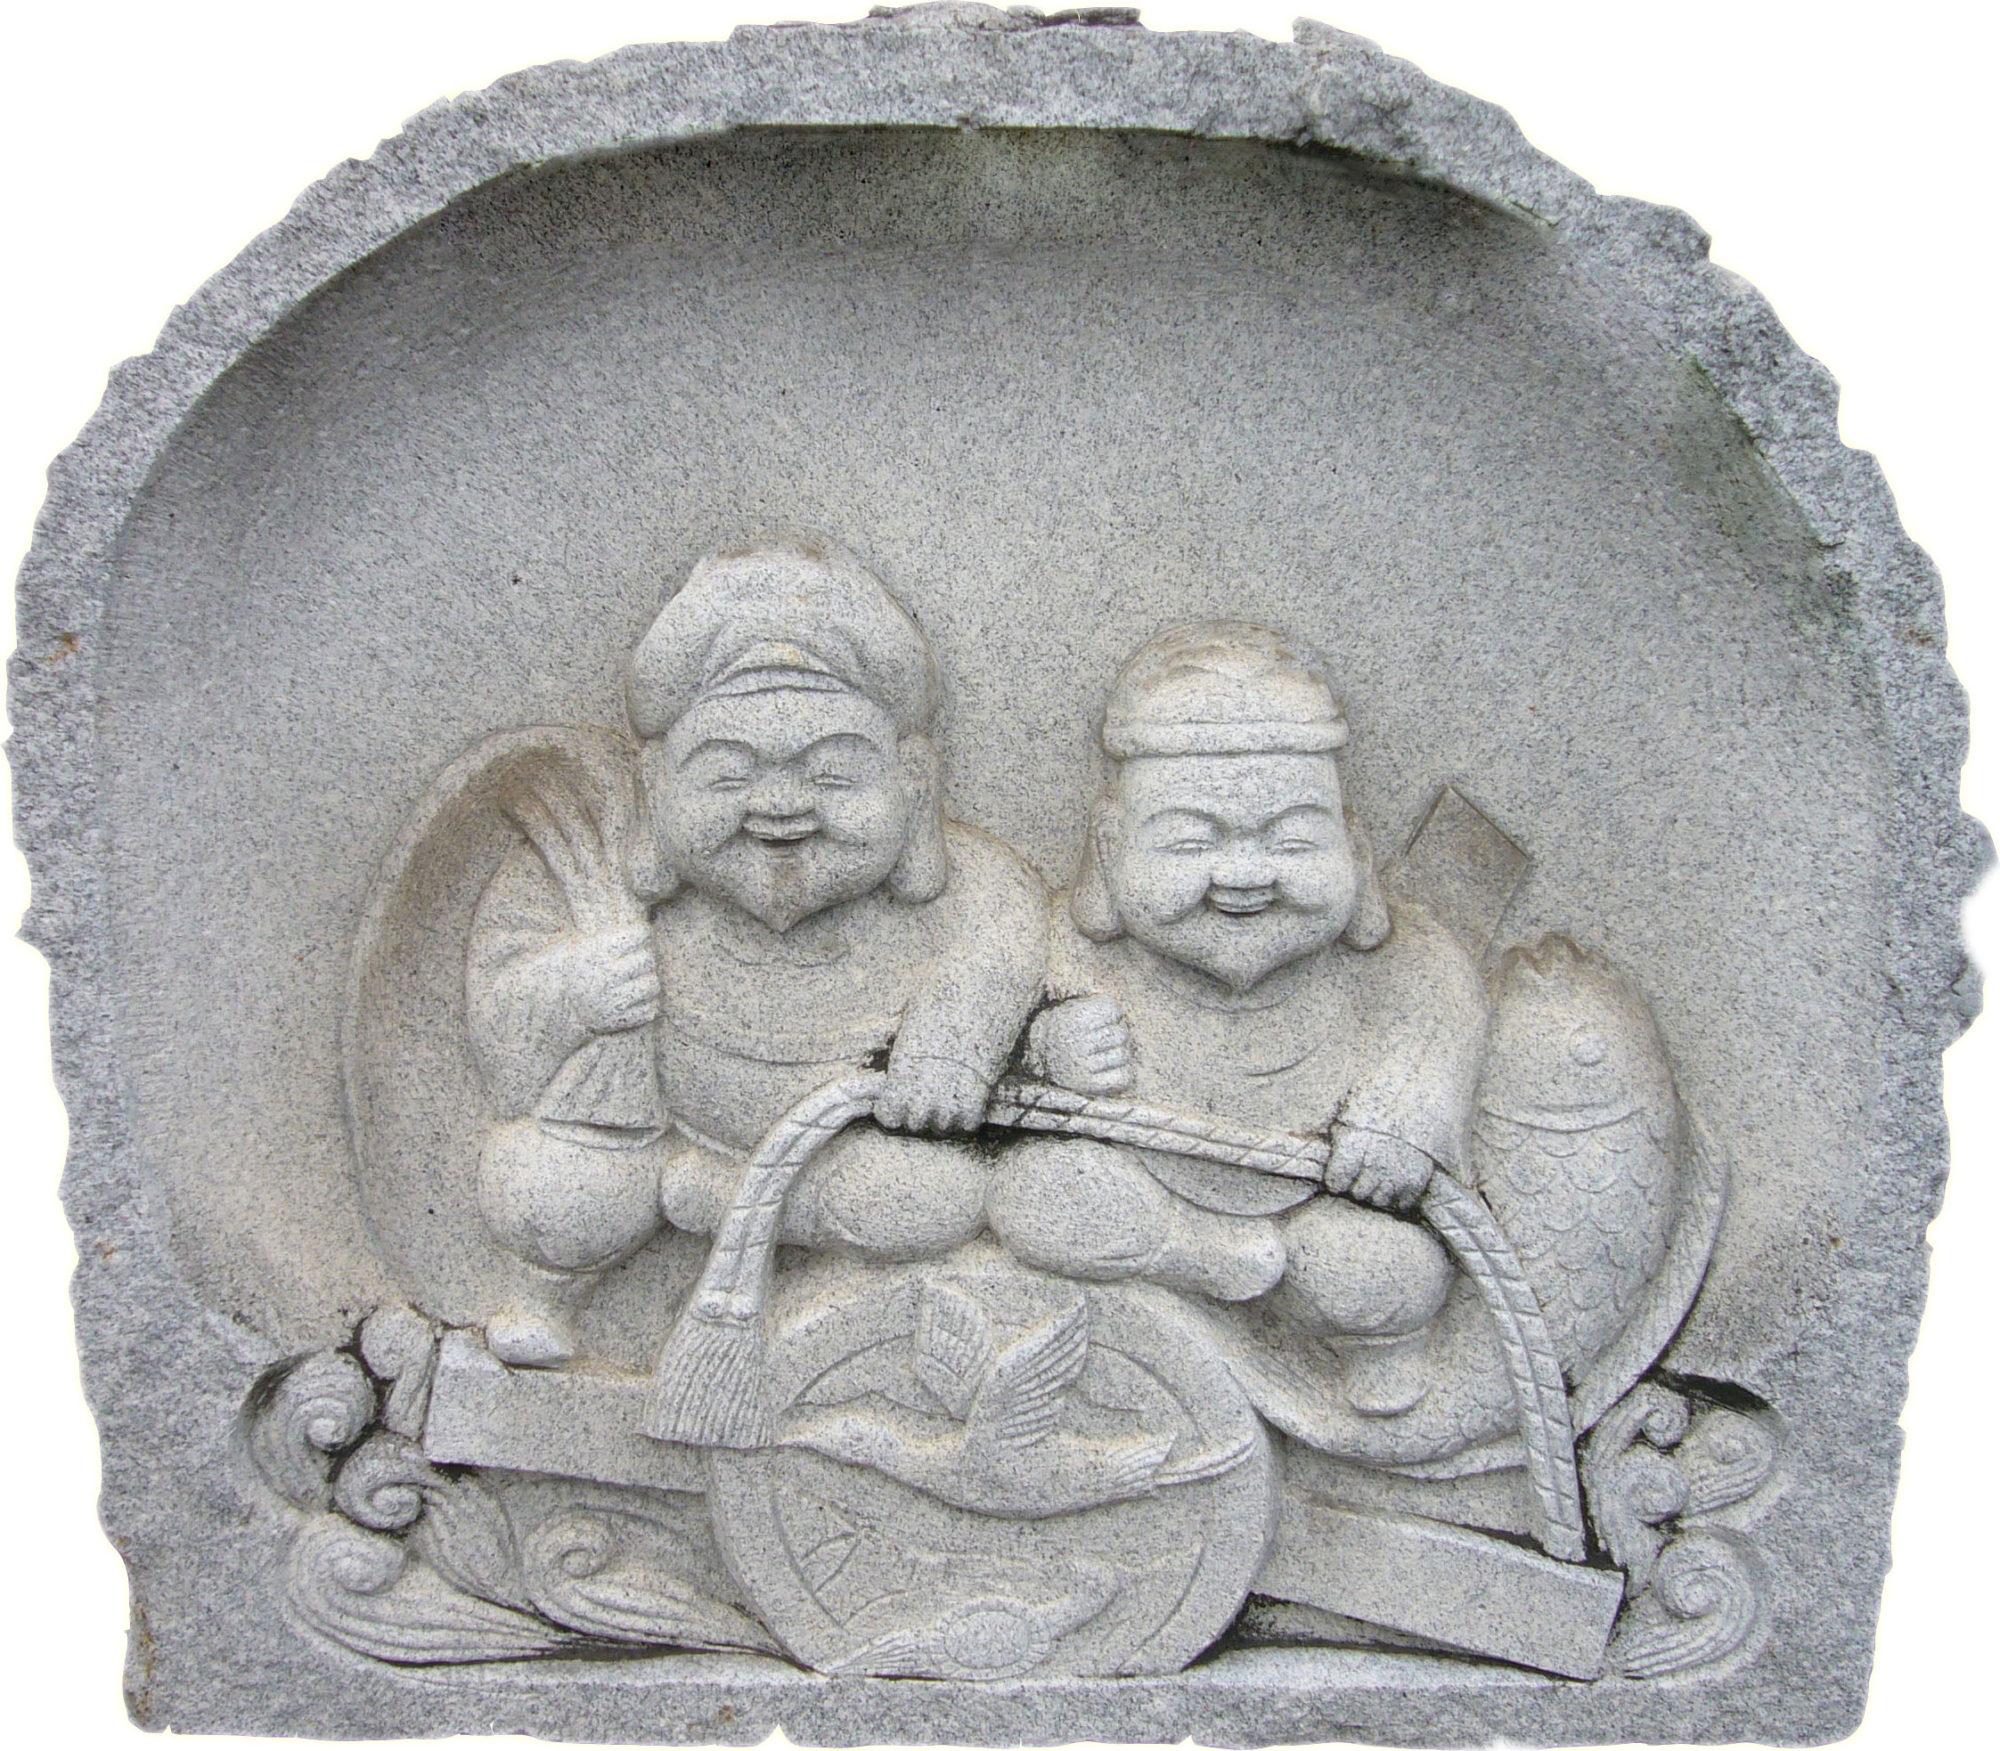 有限会社 原 石材店